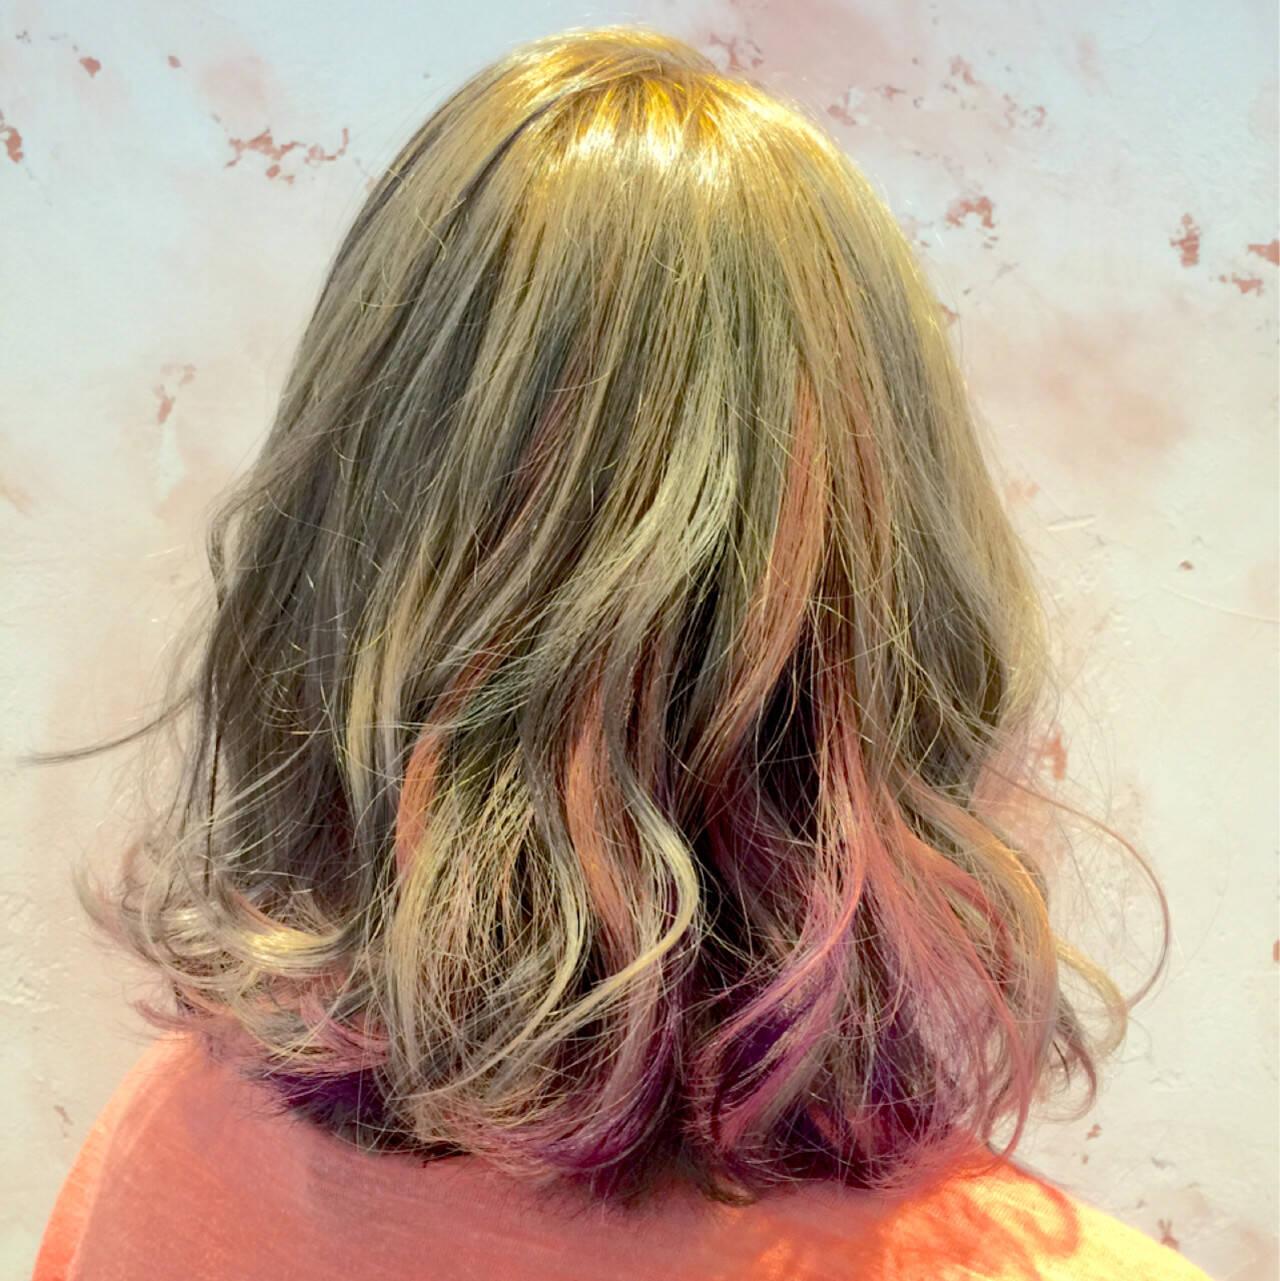 グラデーションカラー 外国人風 ゆるふわ ハイライトヘアスタイルや髪型の写真・画像